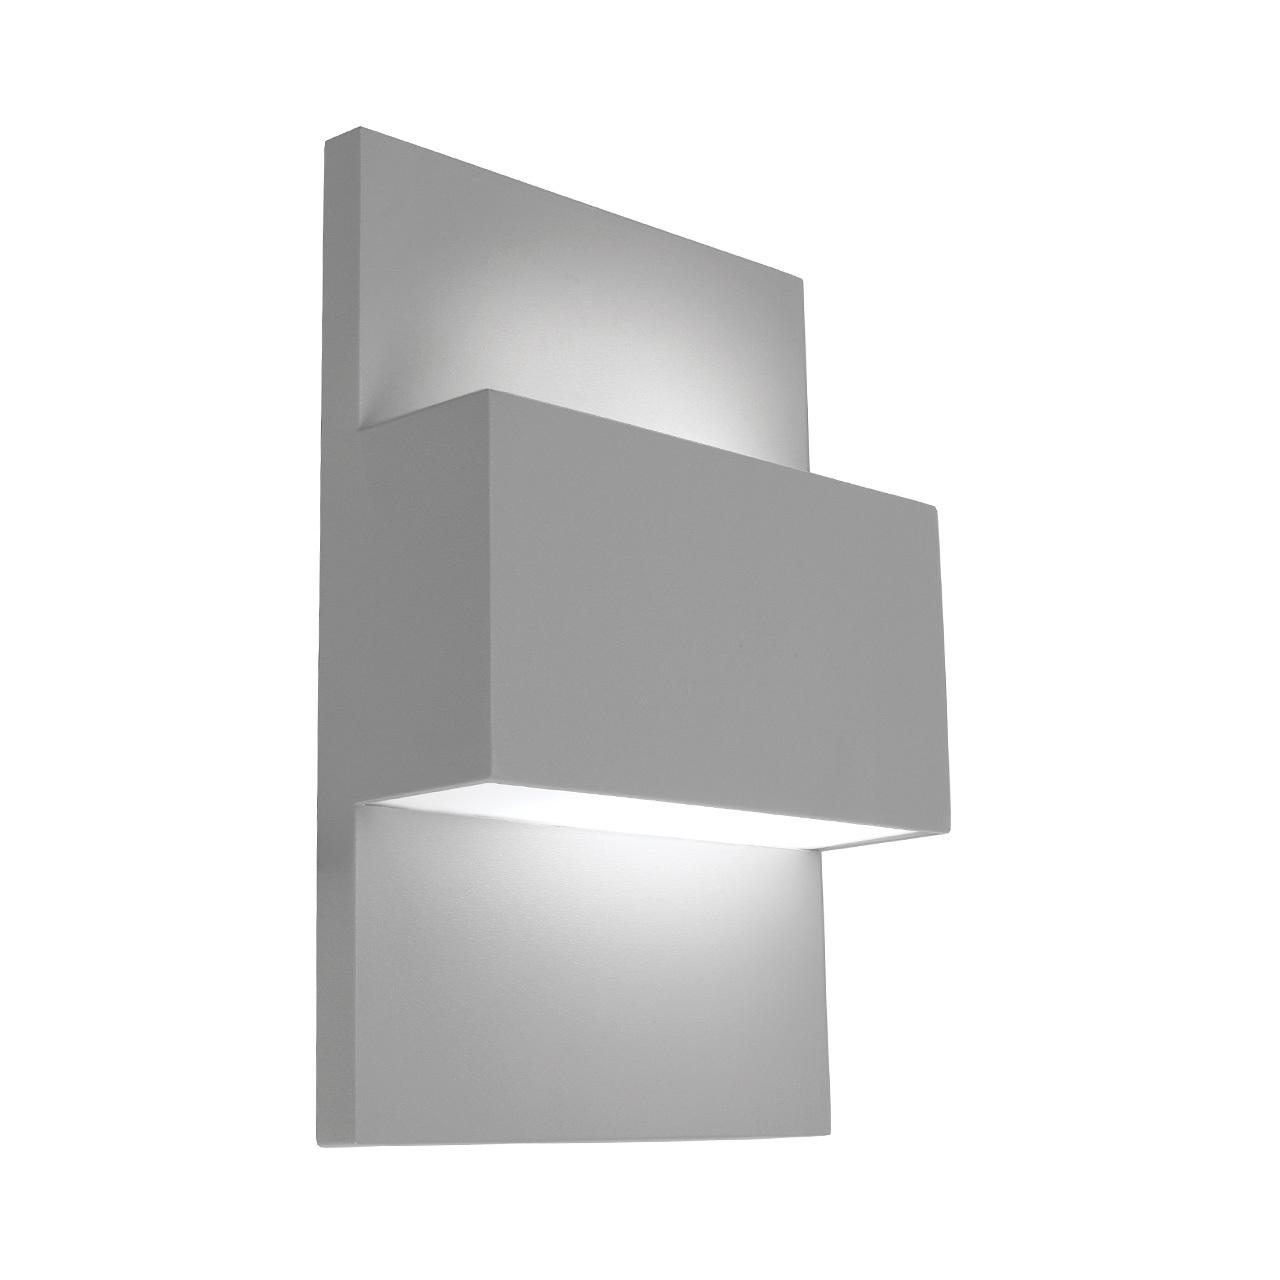 Lampa ścienna GENEVE 874AL -Norlys  SPRAWDŹ RABATY  5-10-15-20 % w koszyku